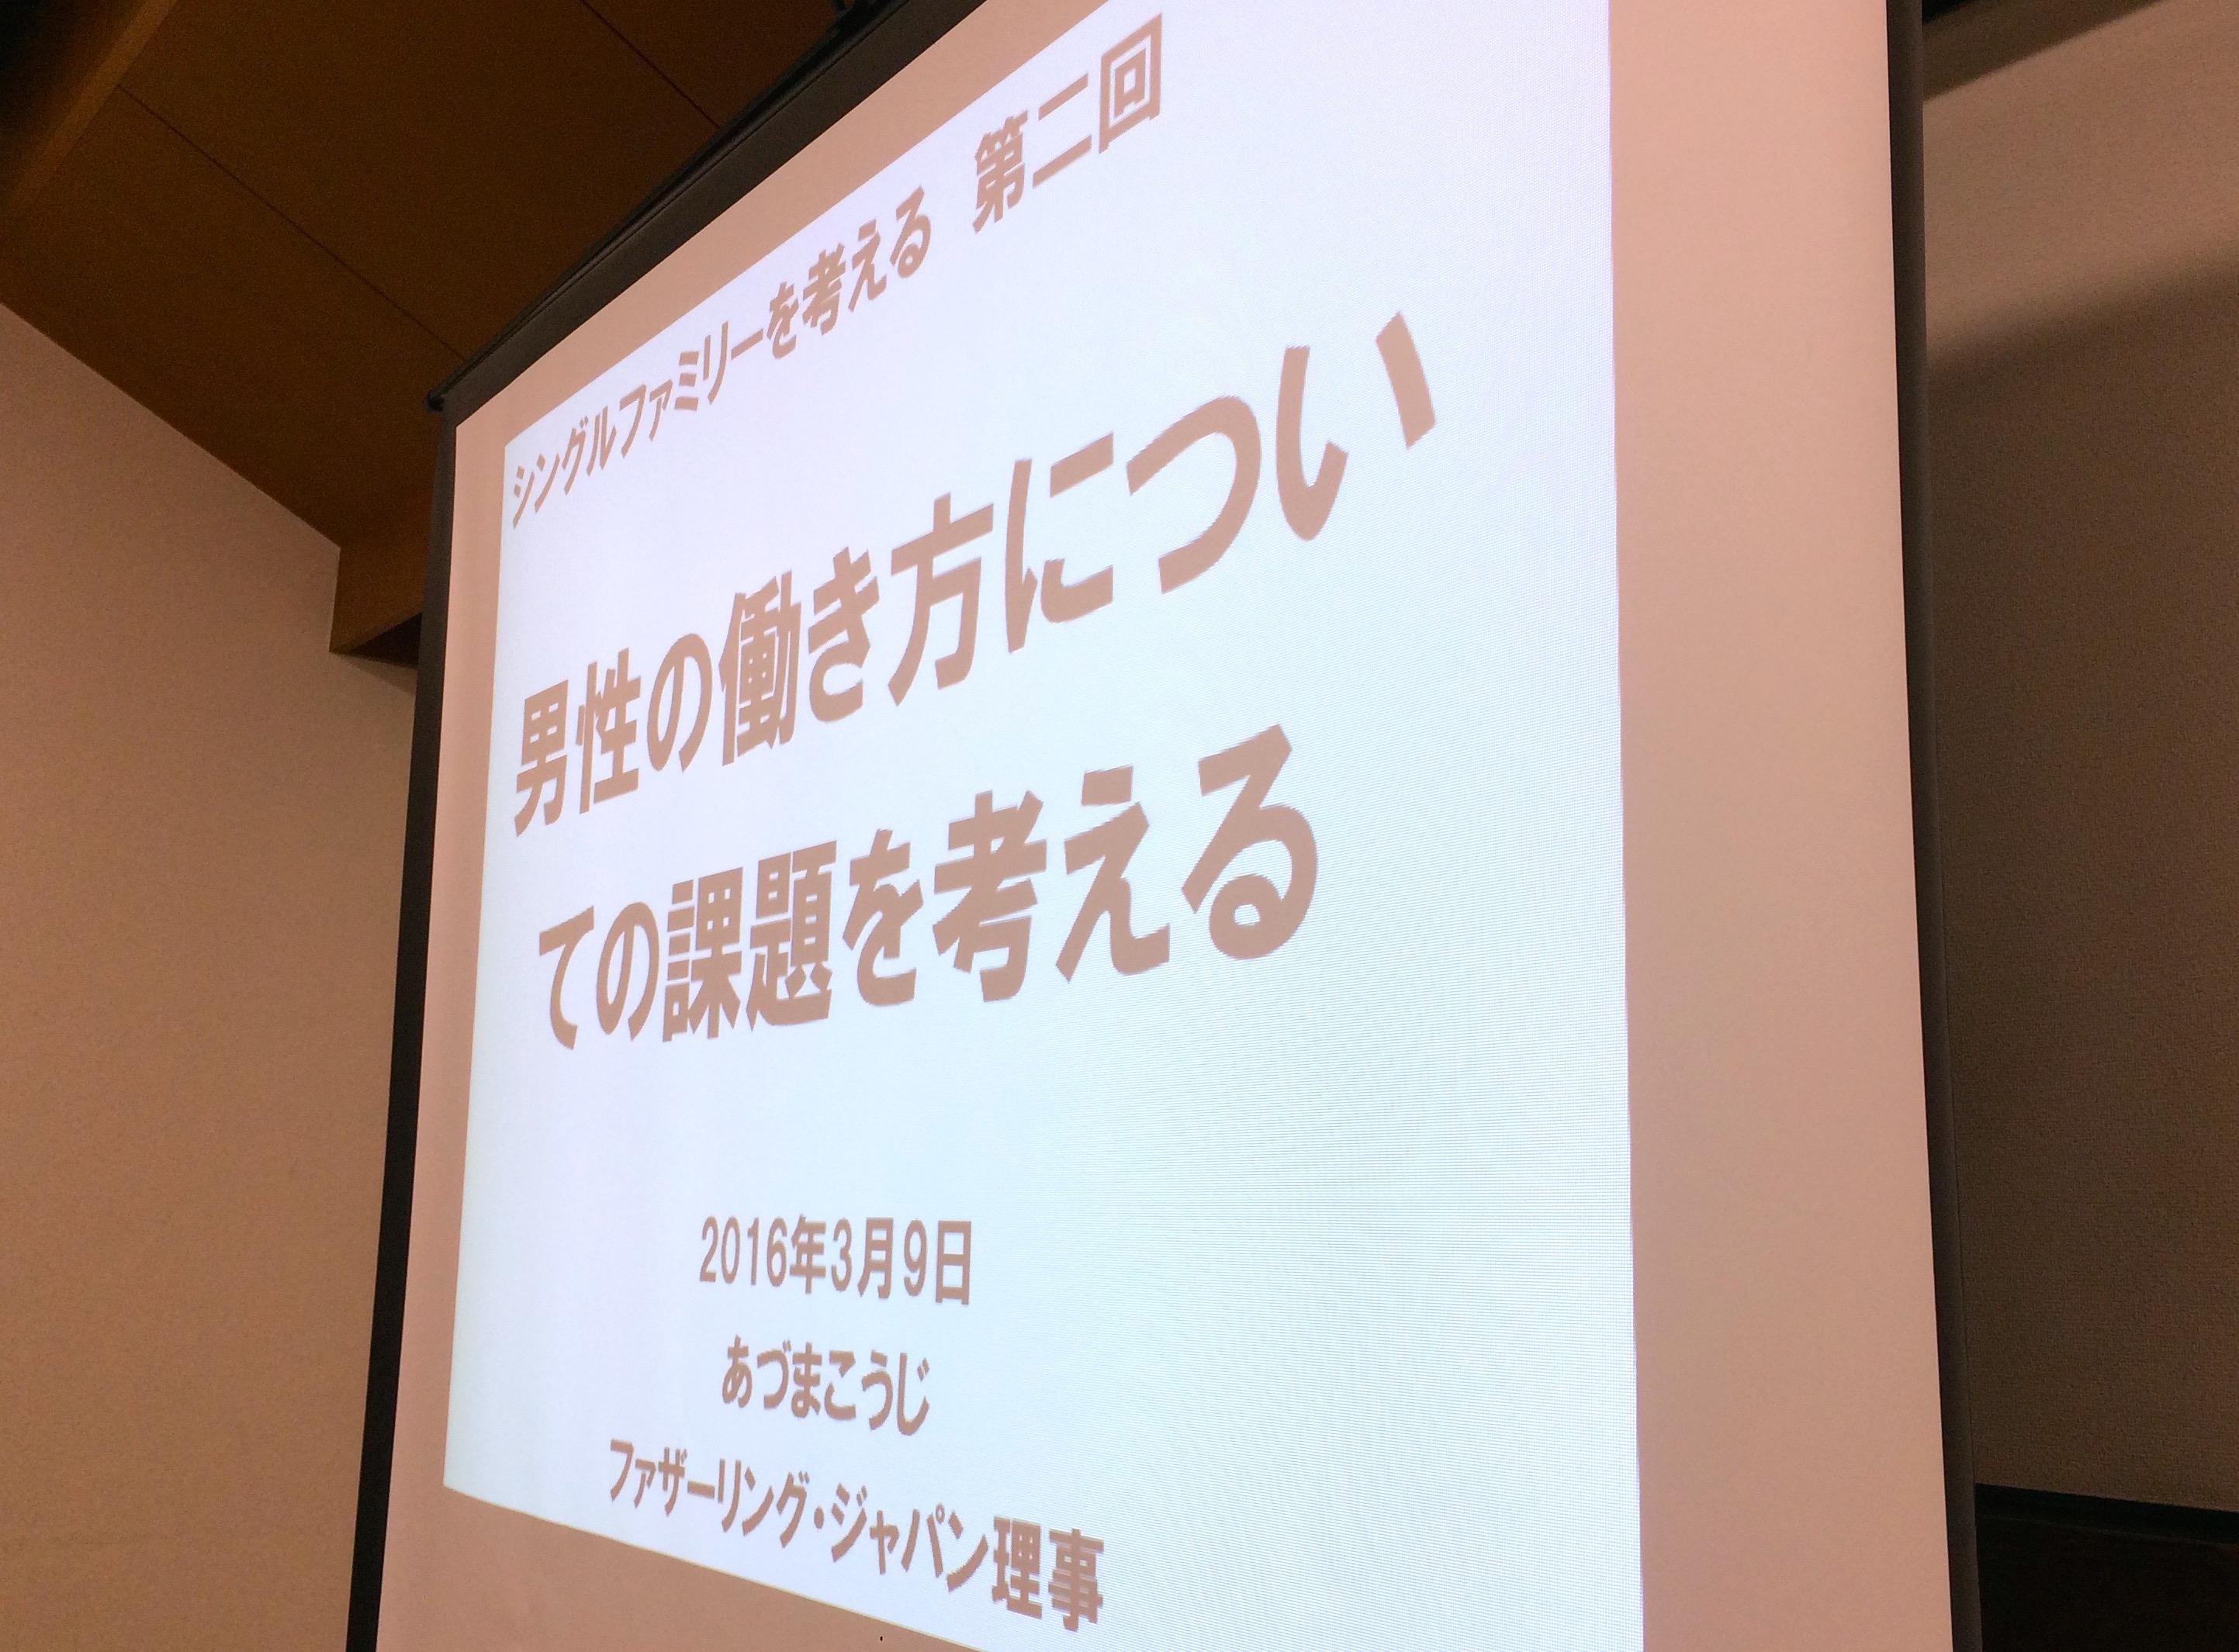 「ママを亡くした3万世帯の父子家庭親子に遺族年金を届けたい!」にご協力を~川崎市麻生区でシングルファミリーを考える講座